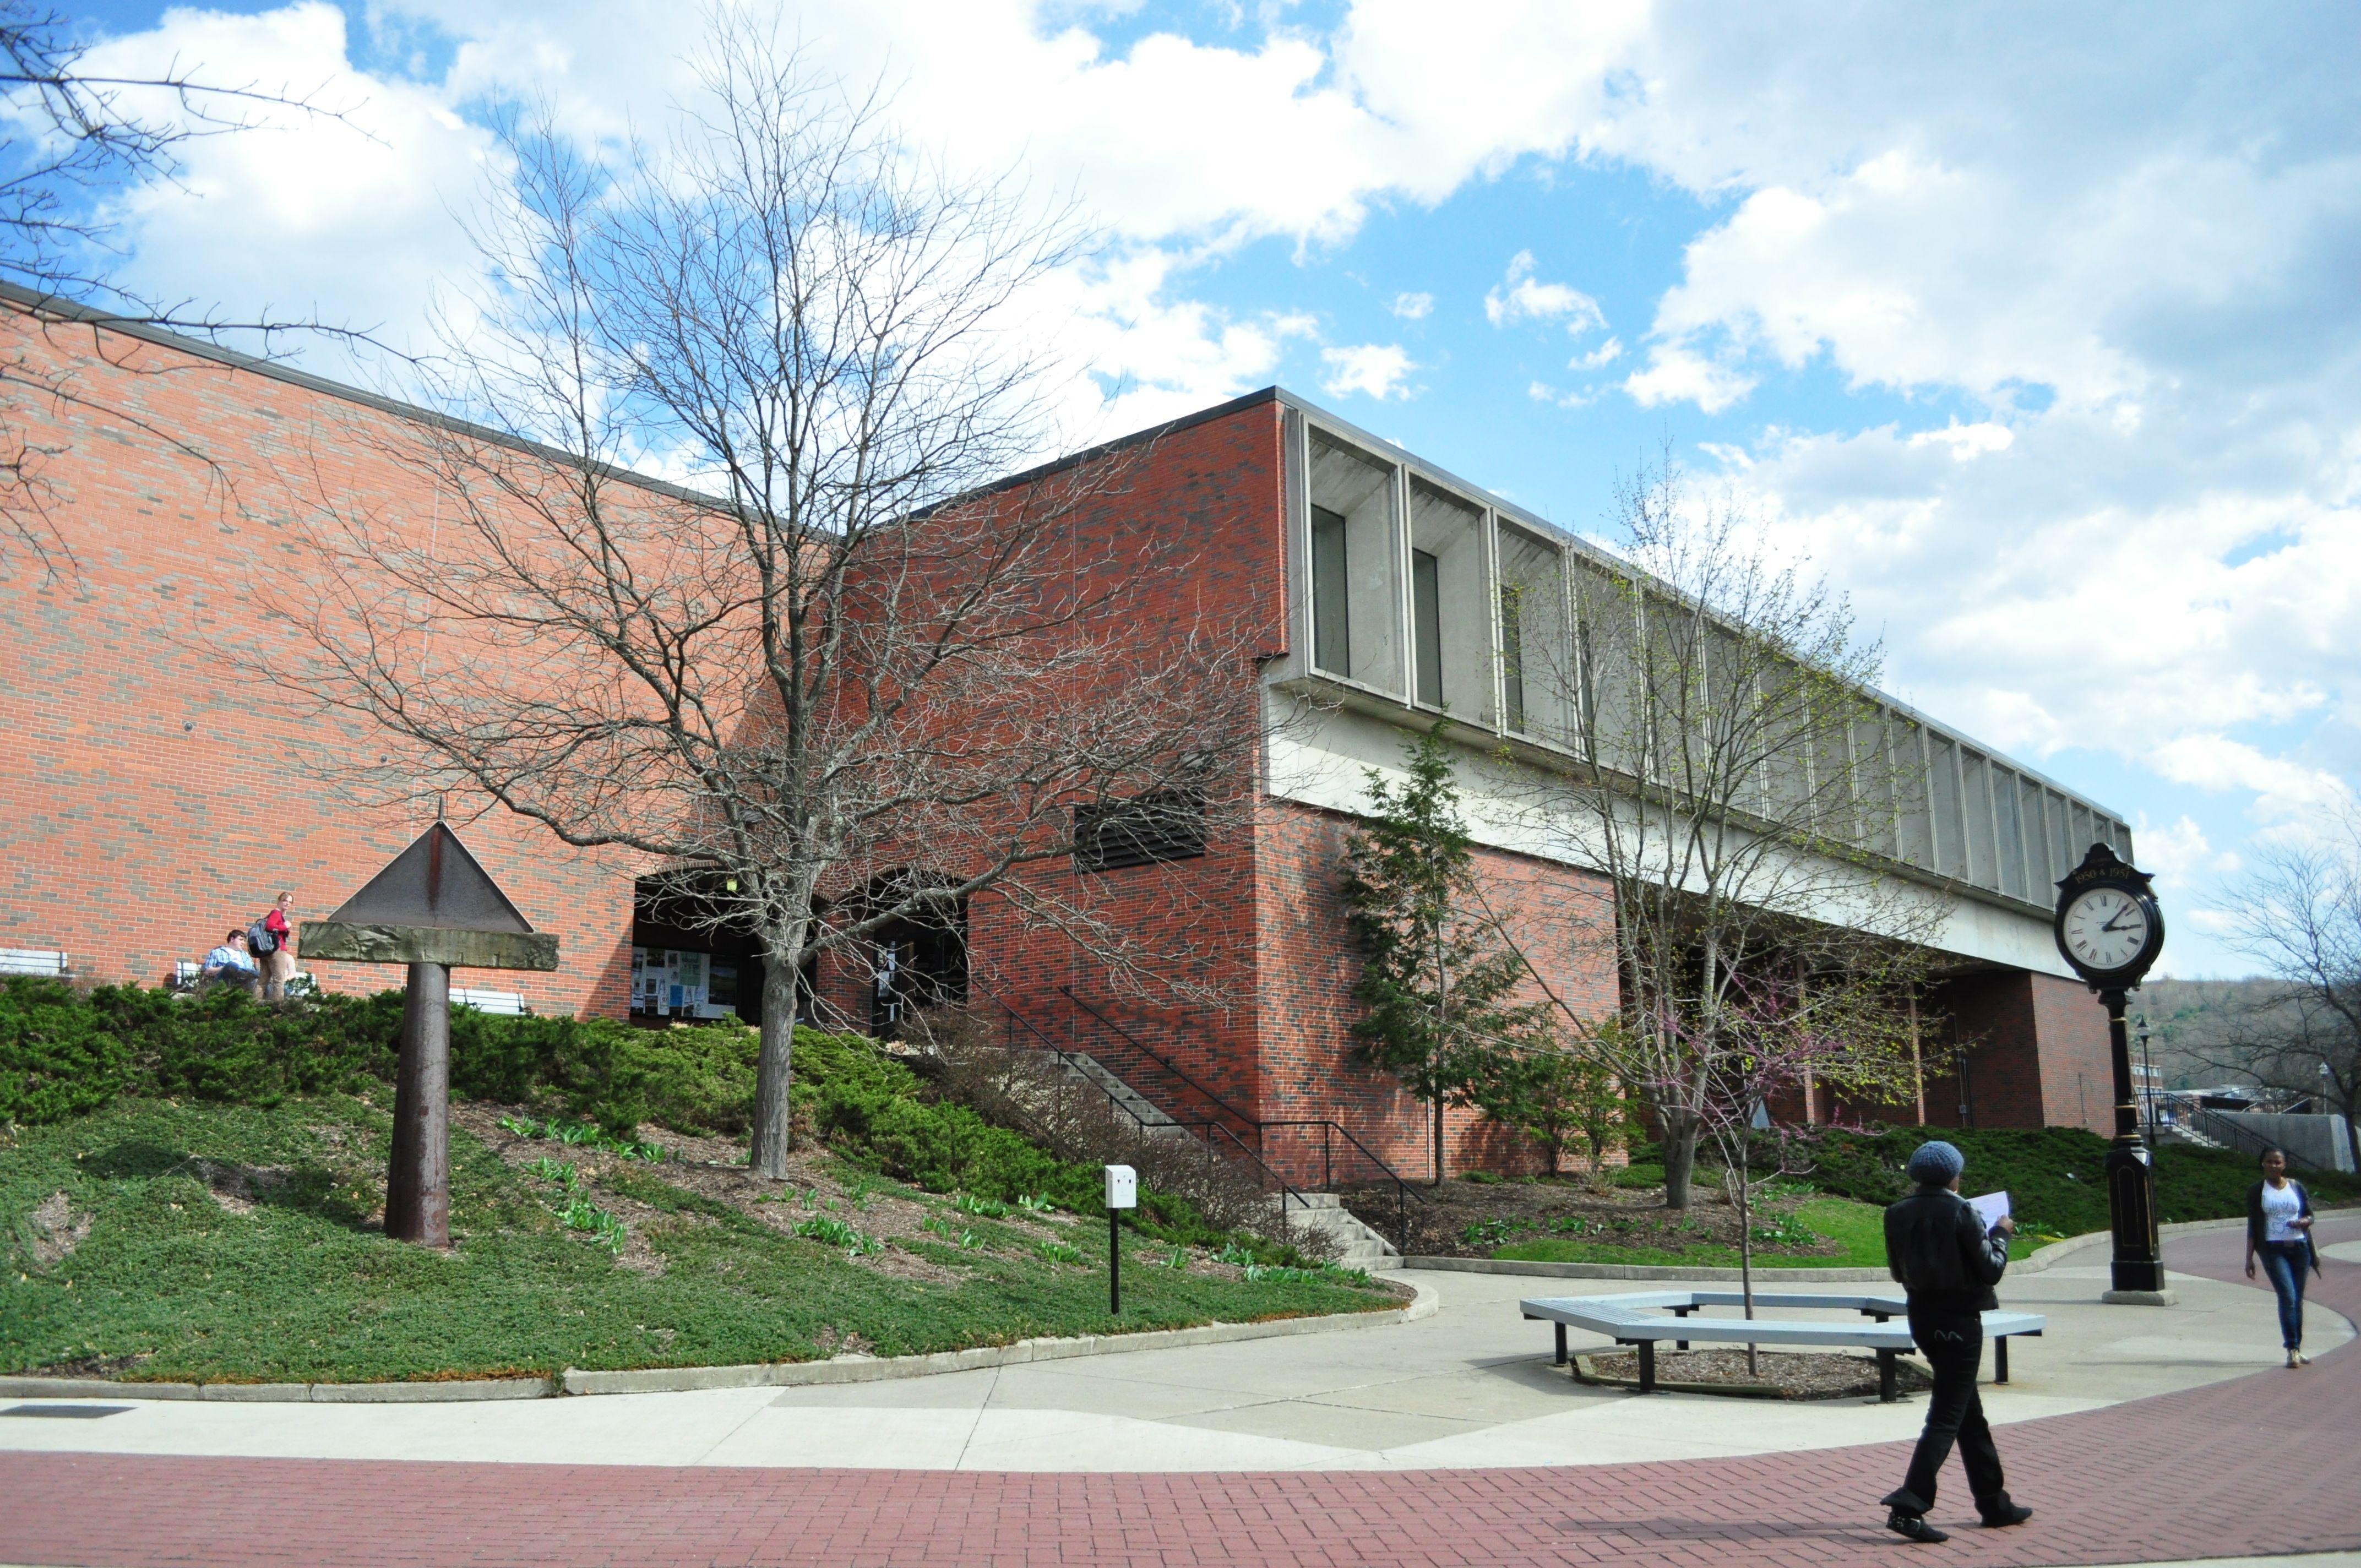 Manser Dining Hall Dining Hall Building Campus